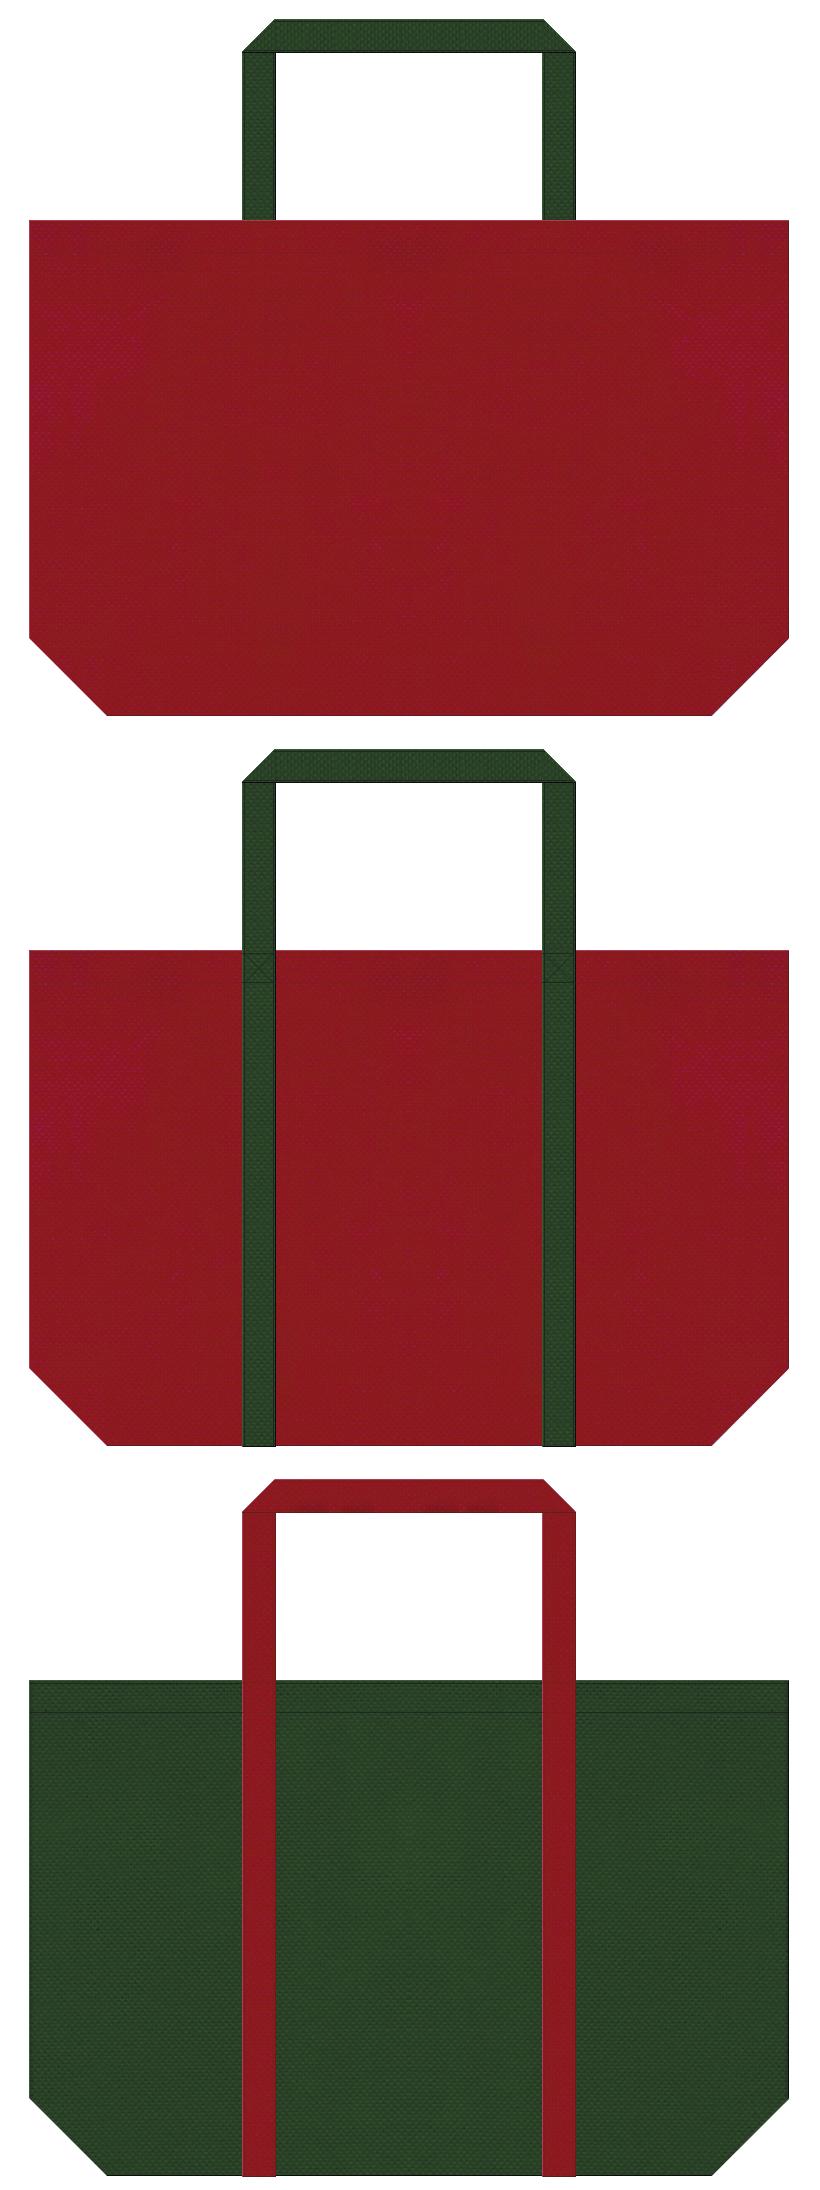 振袖・着物・帯・伝統工芸・舞台・演芸場・邦楽演奏会・寄席・歌舞伎・伝統芸能・和風催事にお奨め:エンジ色と濃緑色の不織布ショッピングバッグのデザイン